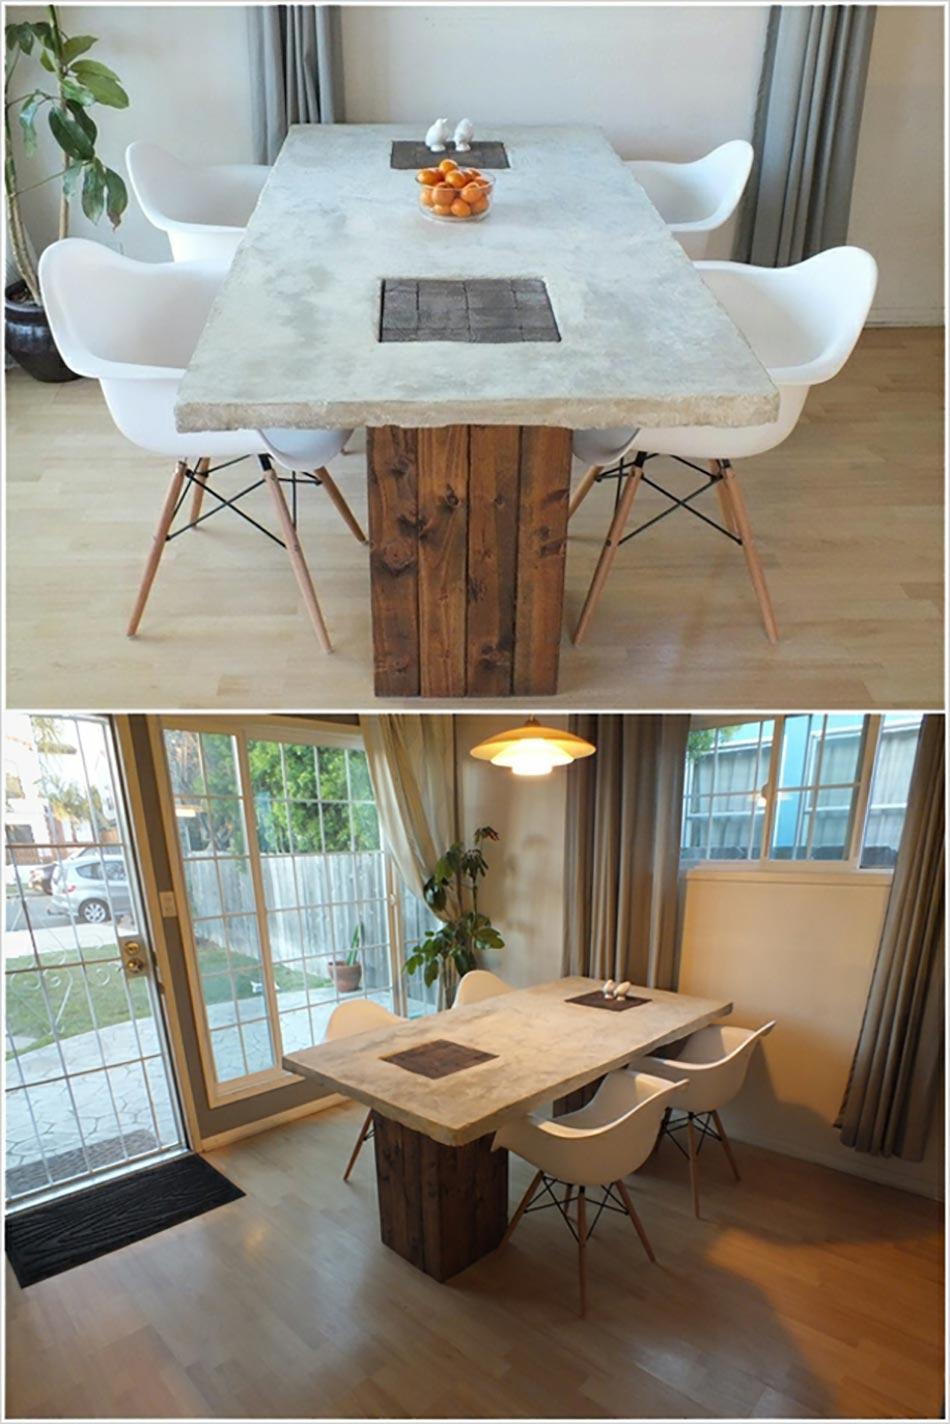 Table de salle manger originale et personnalisable design feria - Jeux pour faire a manger ...